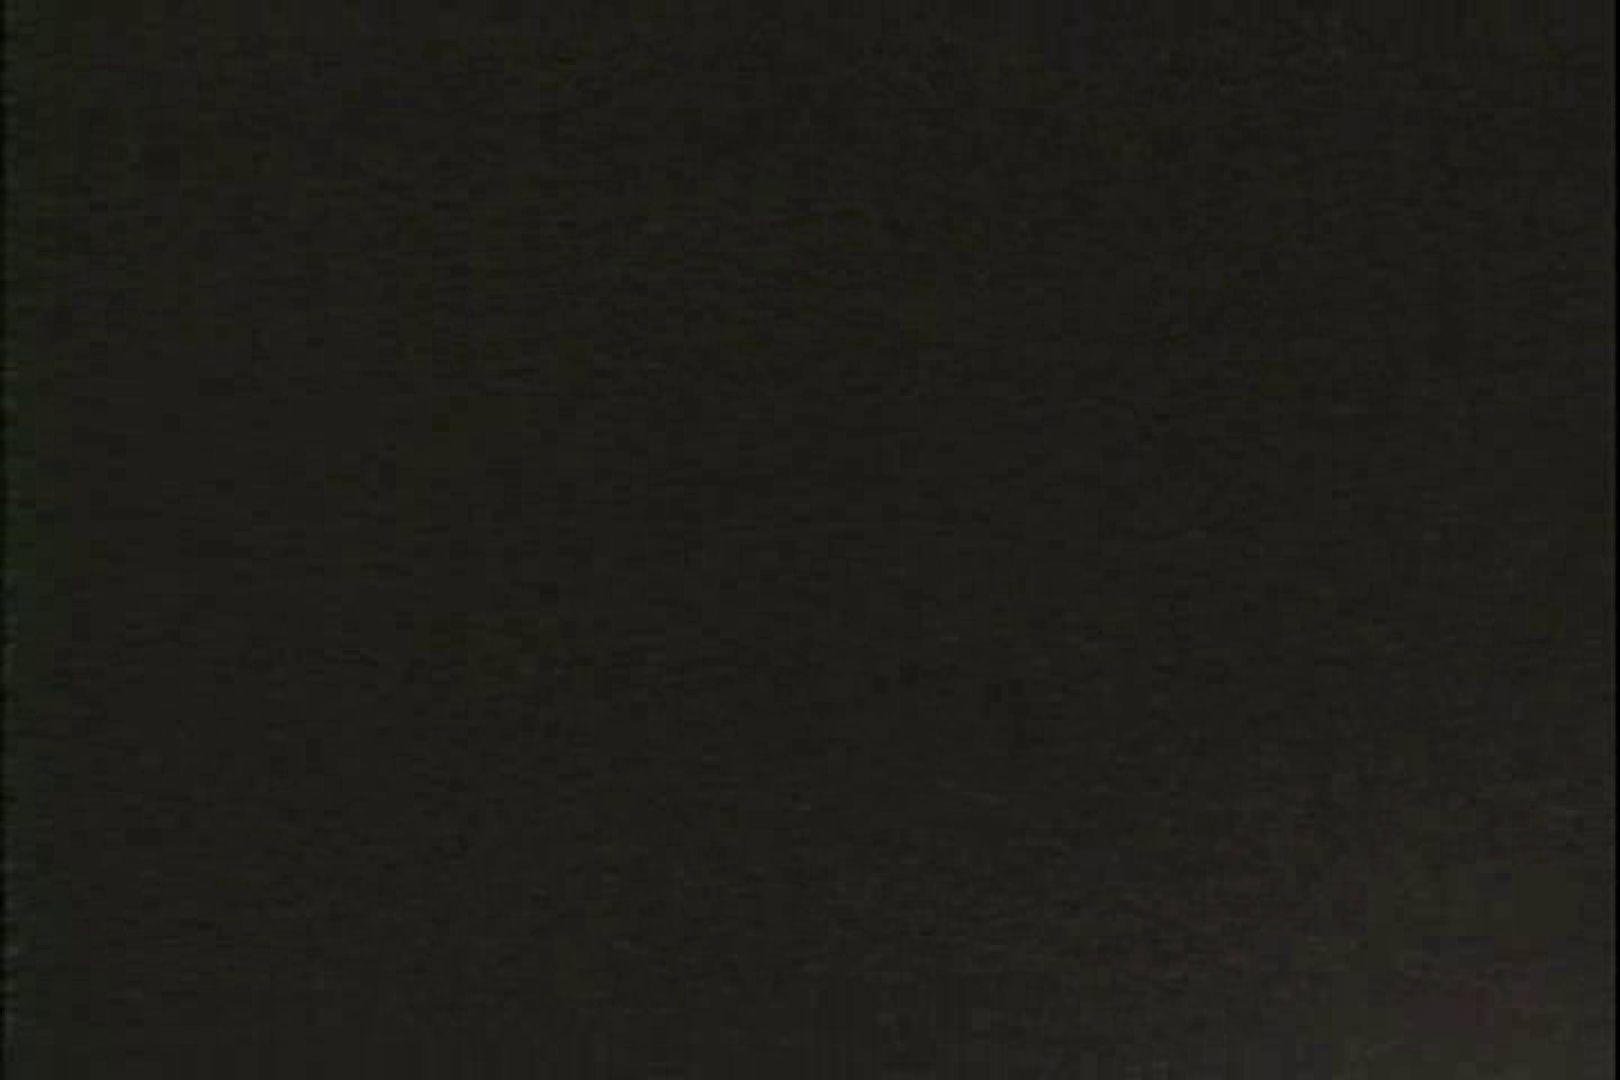 「ちくりん」さんのオリジナル未編集パンチラVol.6_02 チラ 戯れ無修正画像 98PIX 44